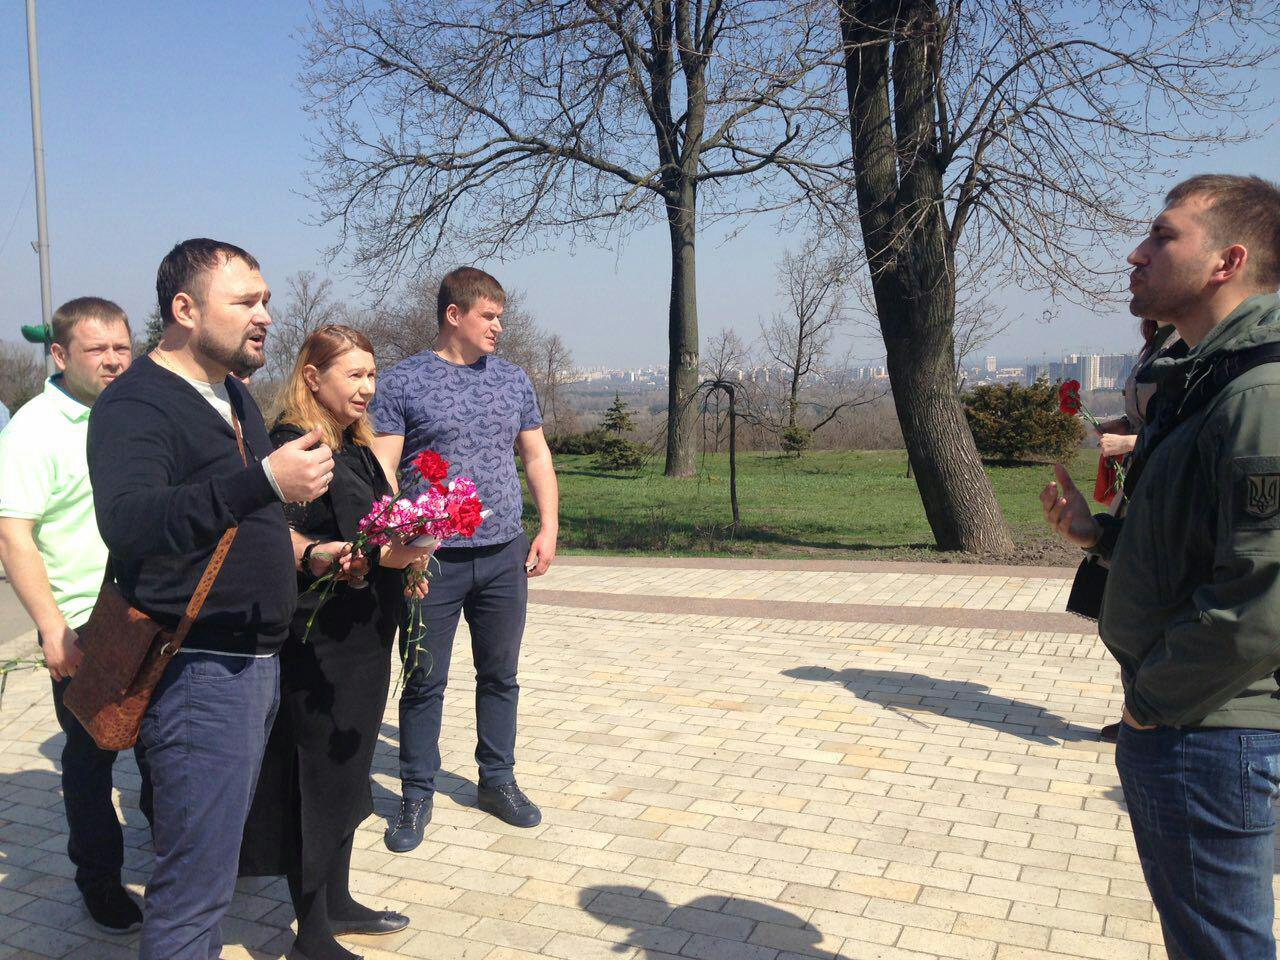 Нацики пытались сорвать возложение цветов к памятнику Быкову